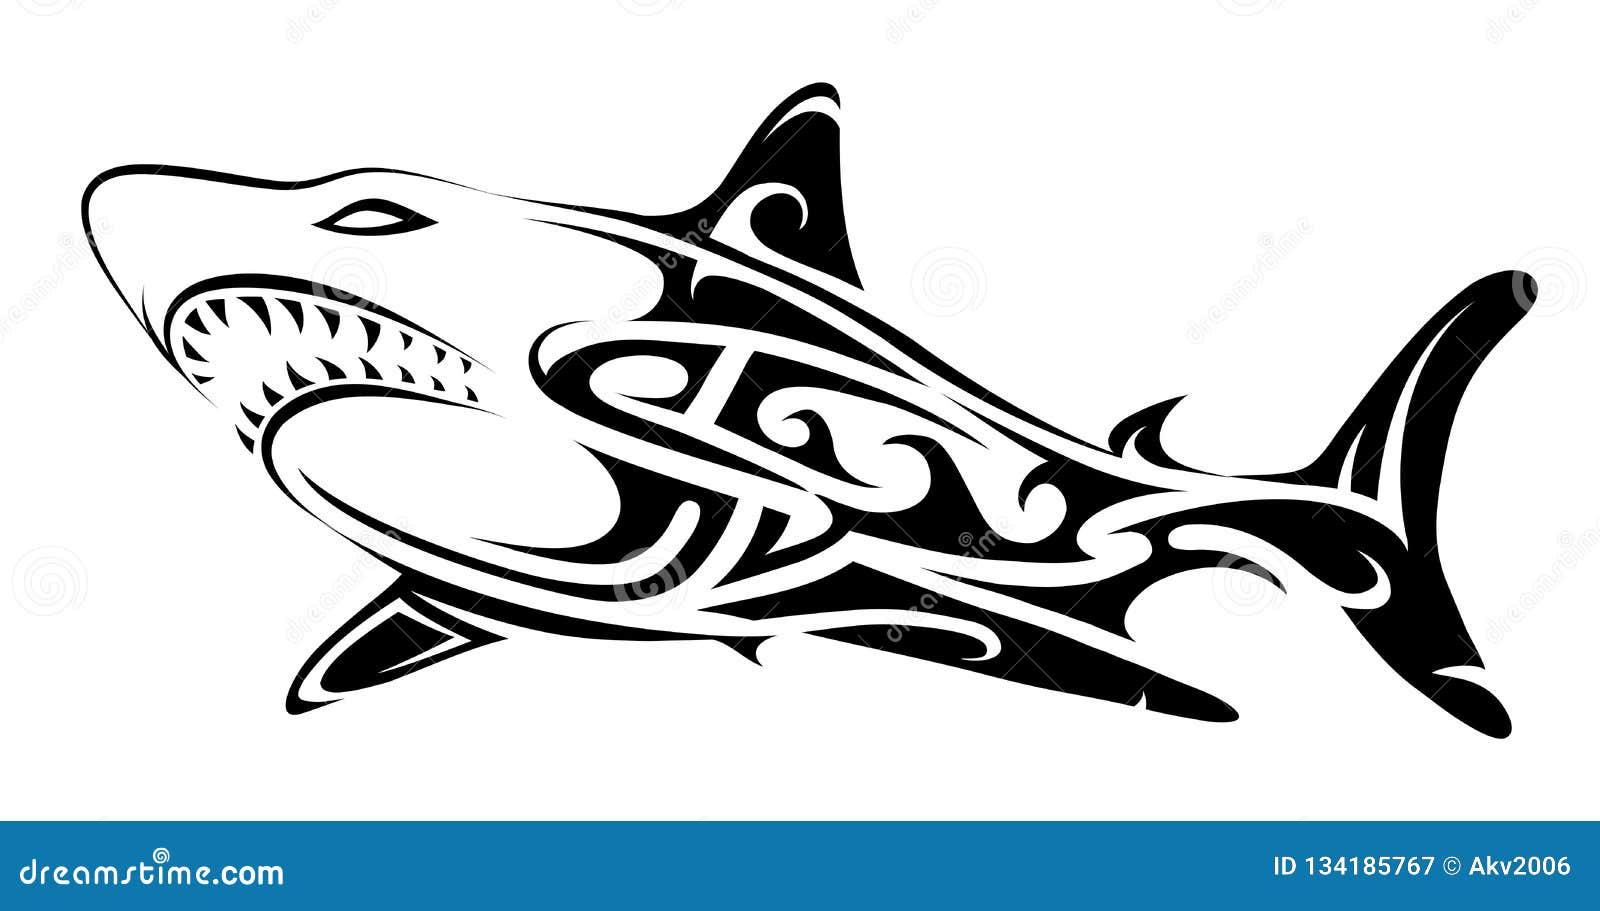 Tribal art shark tattoo stock vector  Illustration of